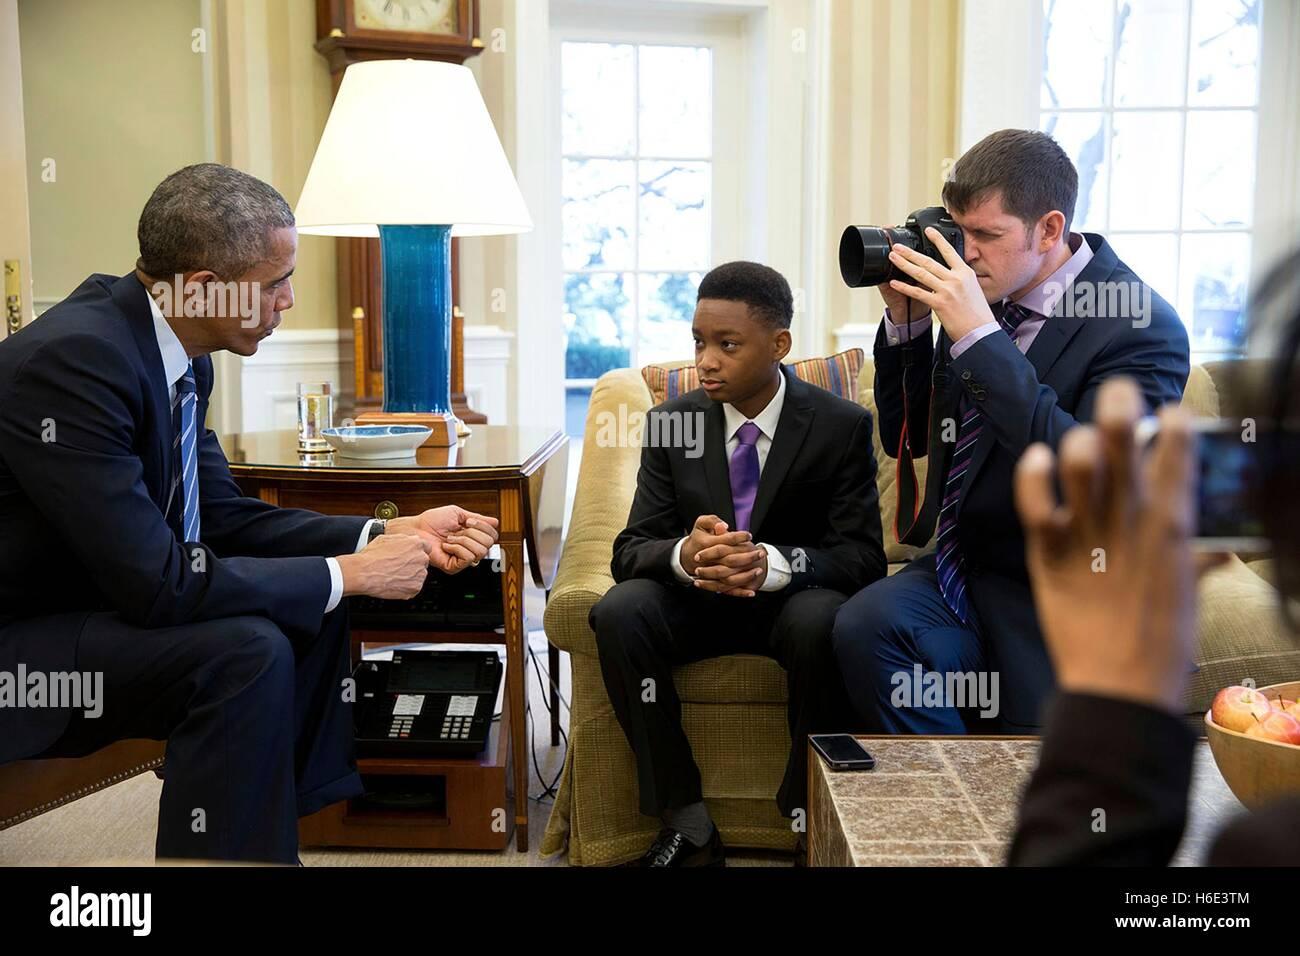 Los seres humanos de Nueva York fundador Brandon Stanton fotografías el presidente estadounidense Barack Obama Imagen De Stock